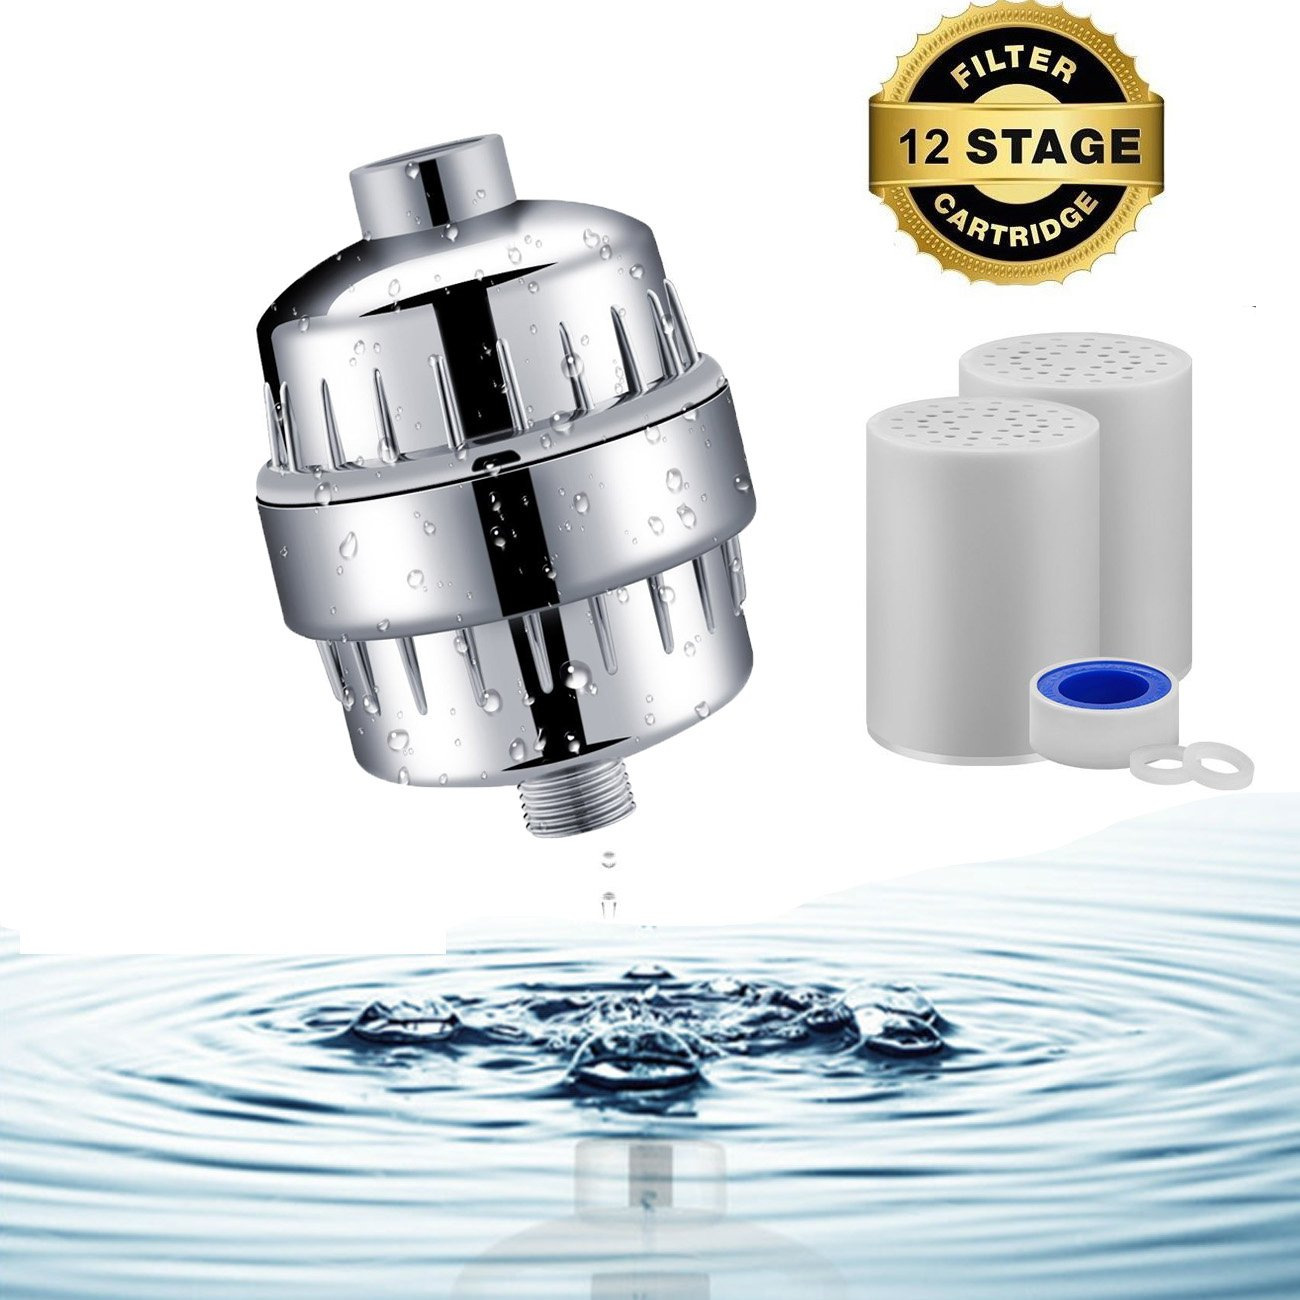 Doccia filtro per acqua dura,12 fasi acqua purificatore ammorbidente con 2 cartucce sostituibili per la rimozione di cloro, odori e altre sostanze nocive zolfo Flouride, metalli pesanti, Allucky